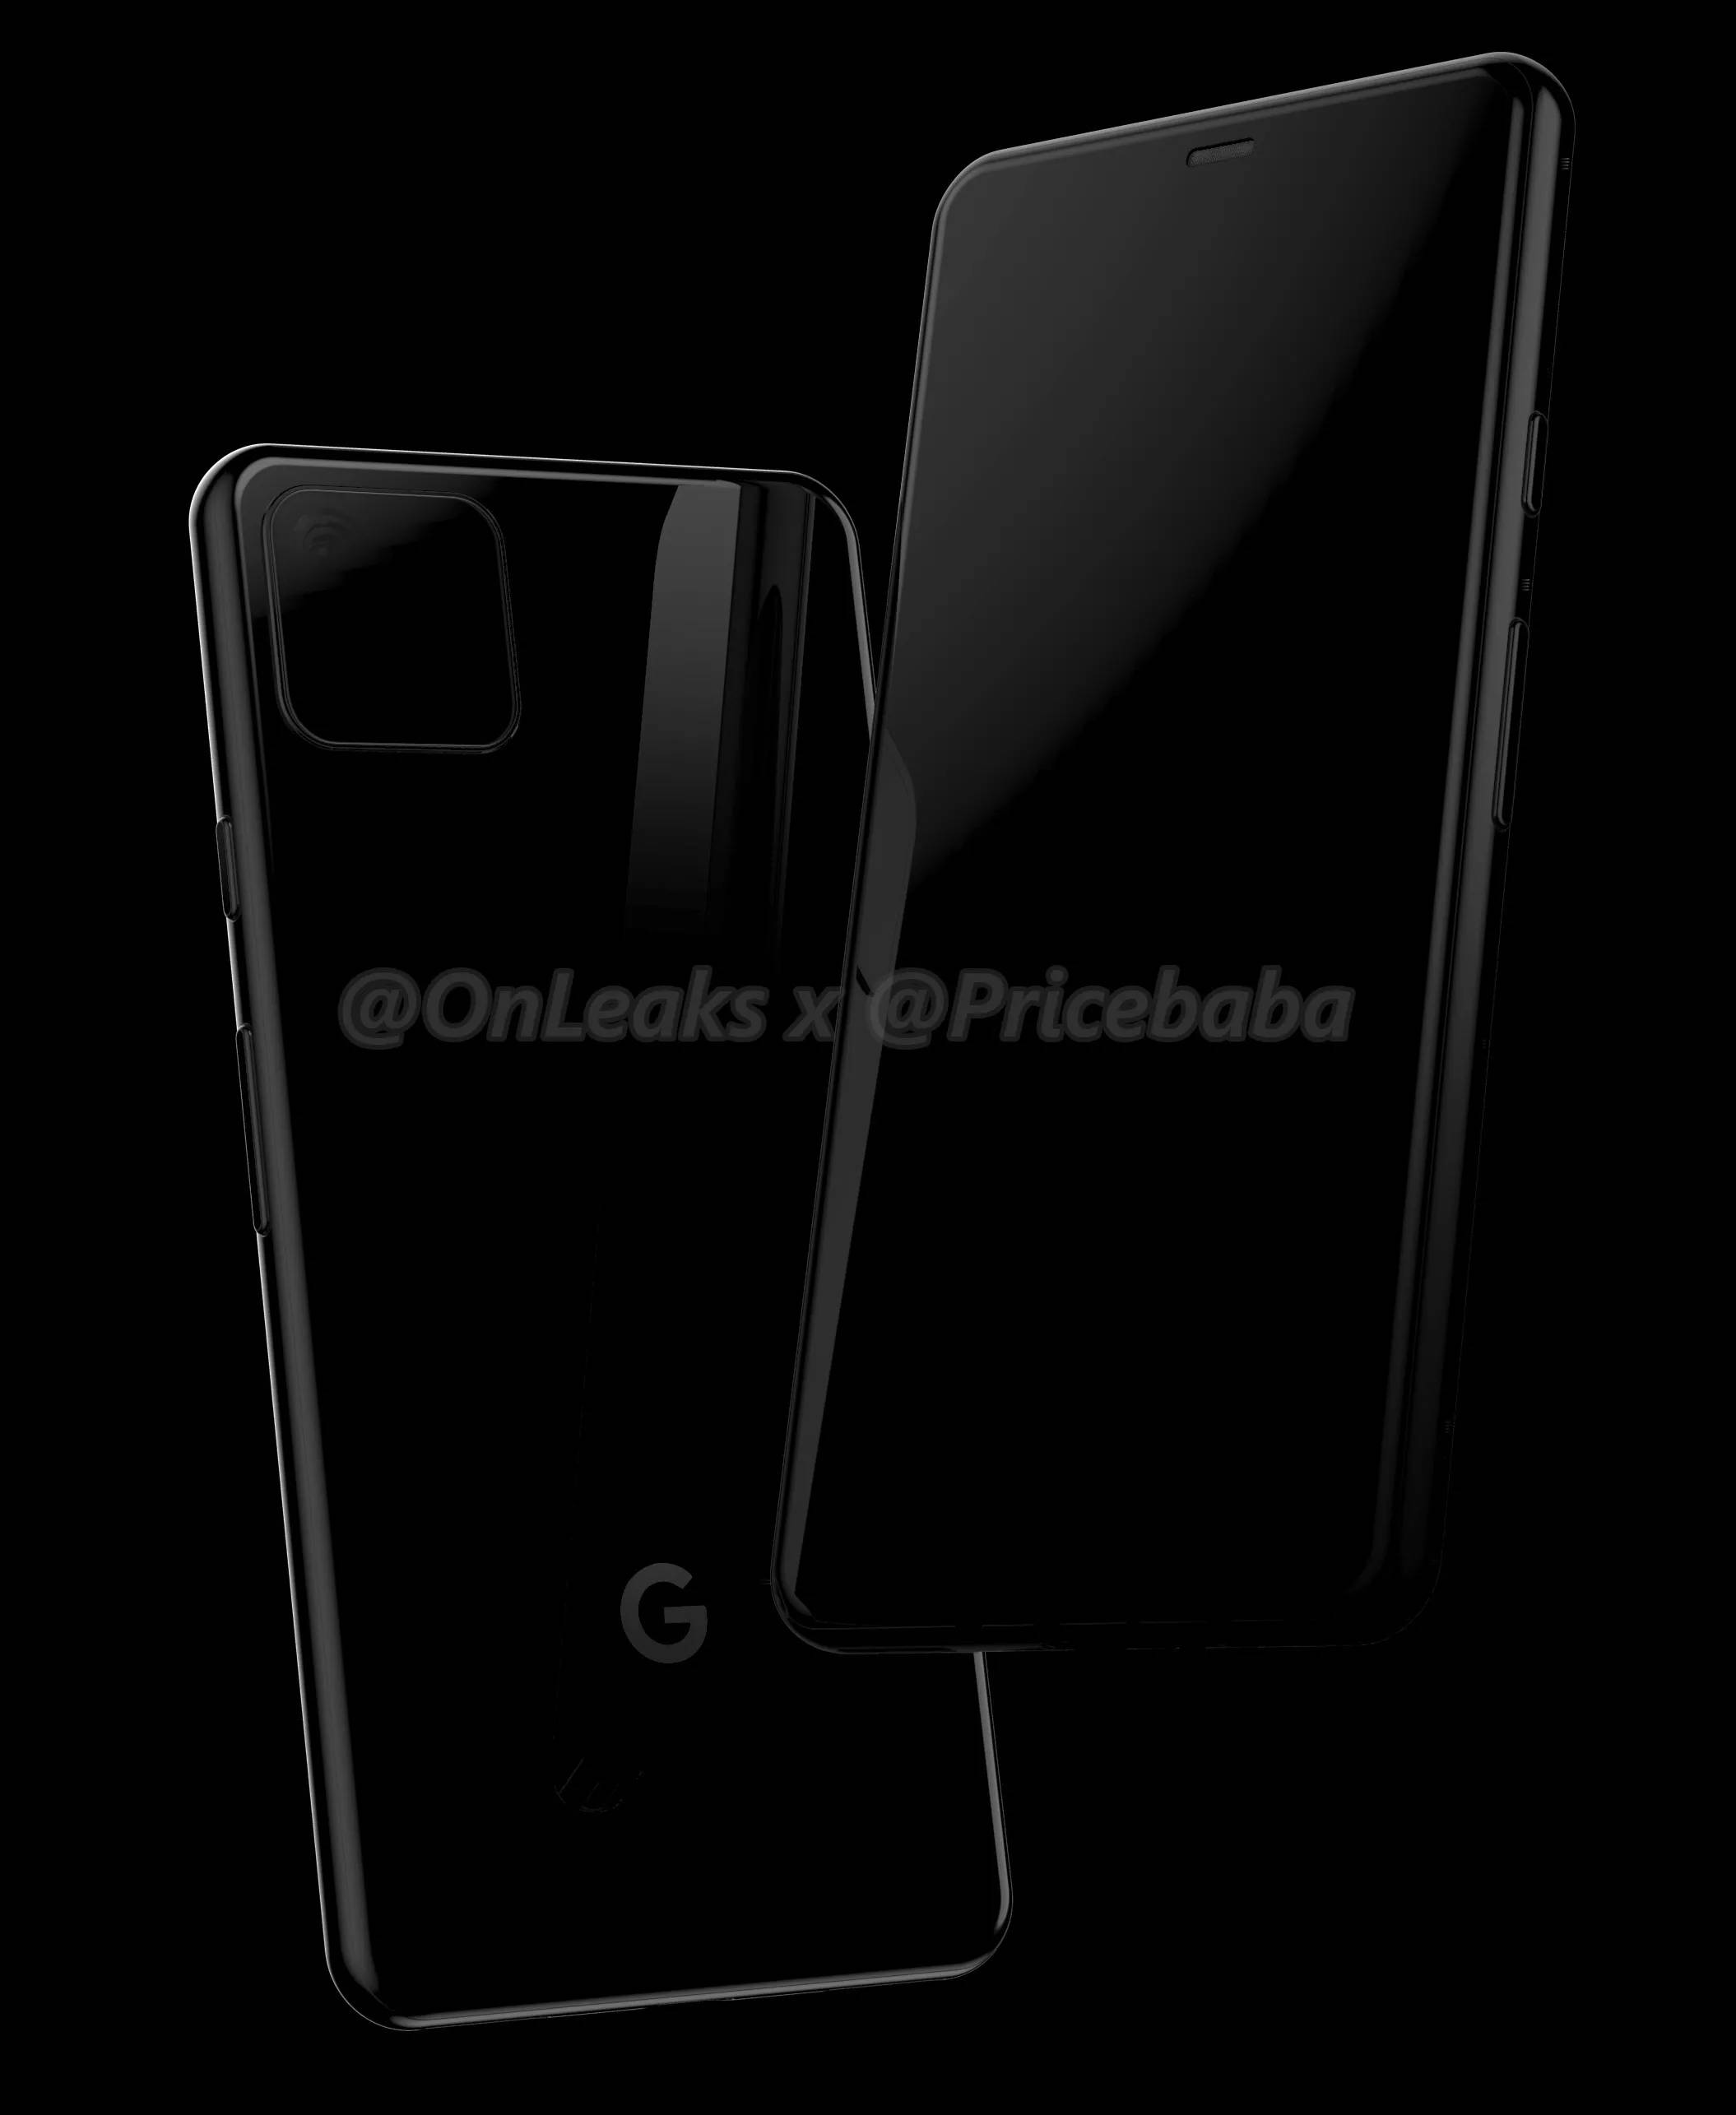 Google Pixel 4 rendery onleaks kiedy premiera iPhone 2019 plotki przecieki wycieki